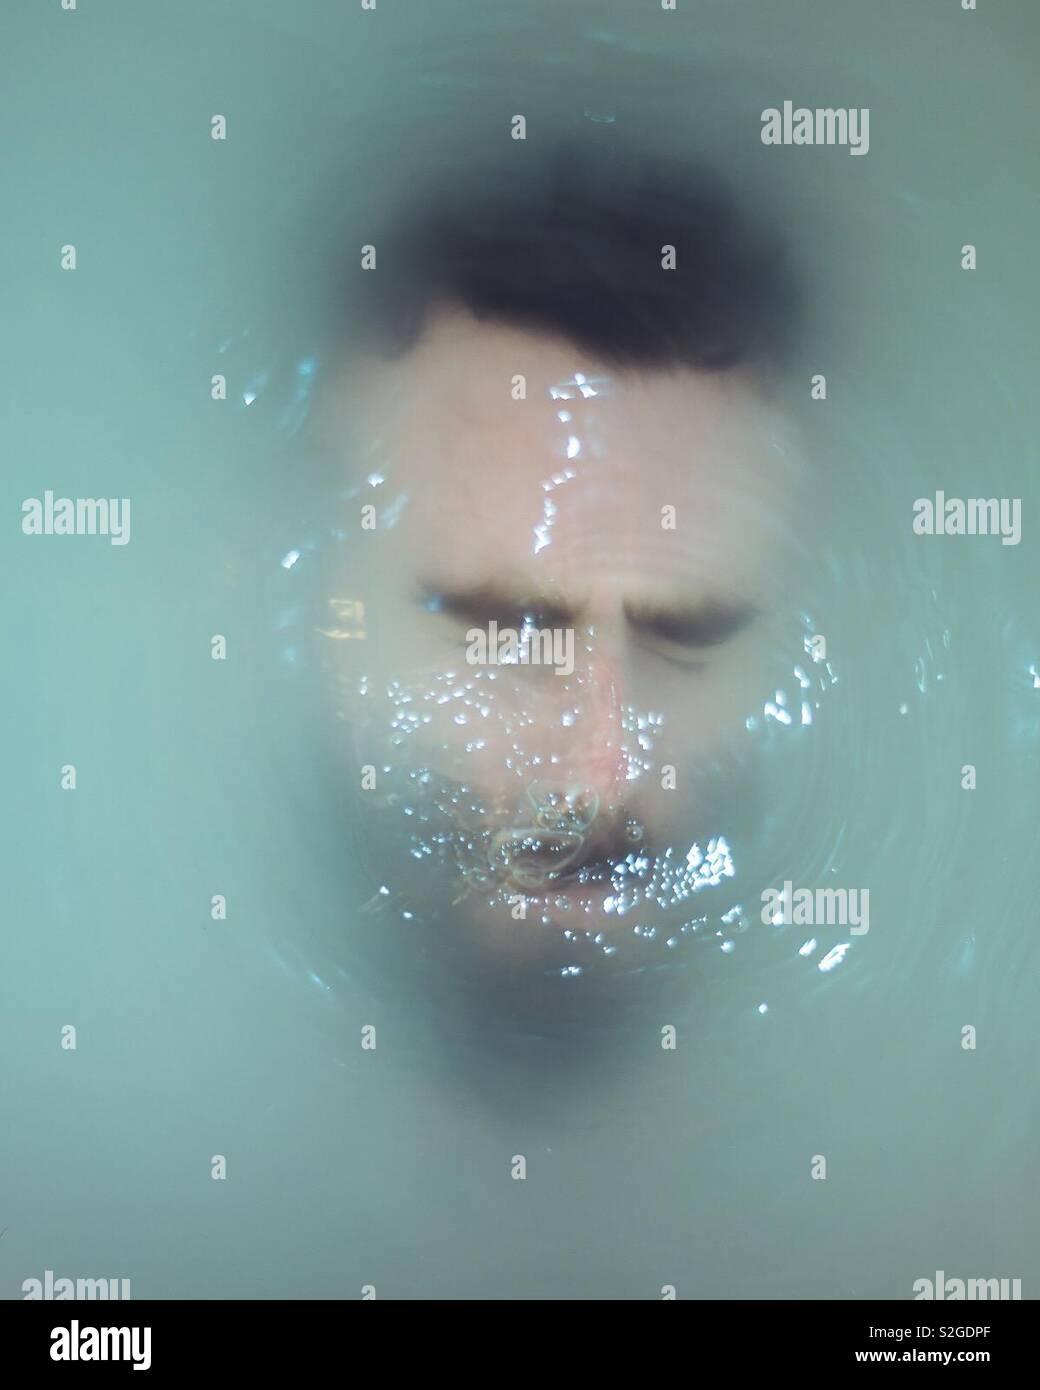 Ragazzo con la barba e gli occhi chiusi è sommerso sotto milky acqua colorata. Immagini Stock